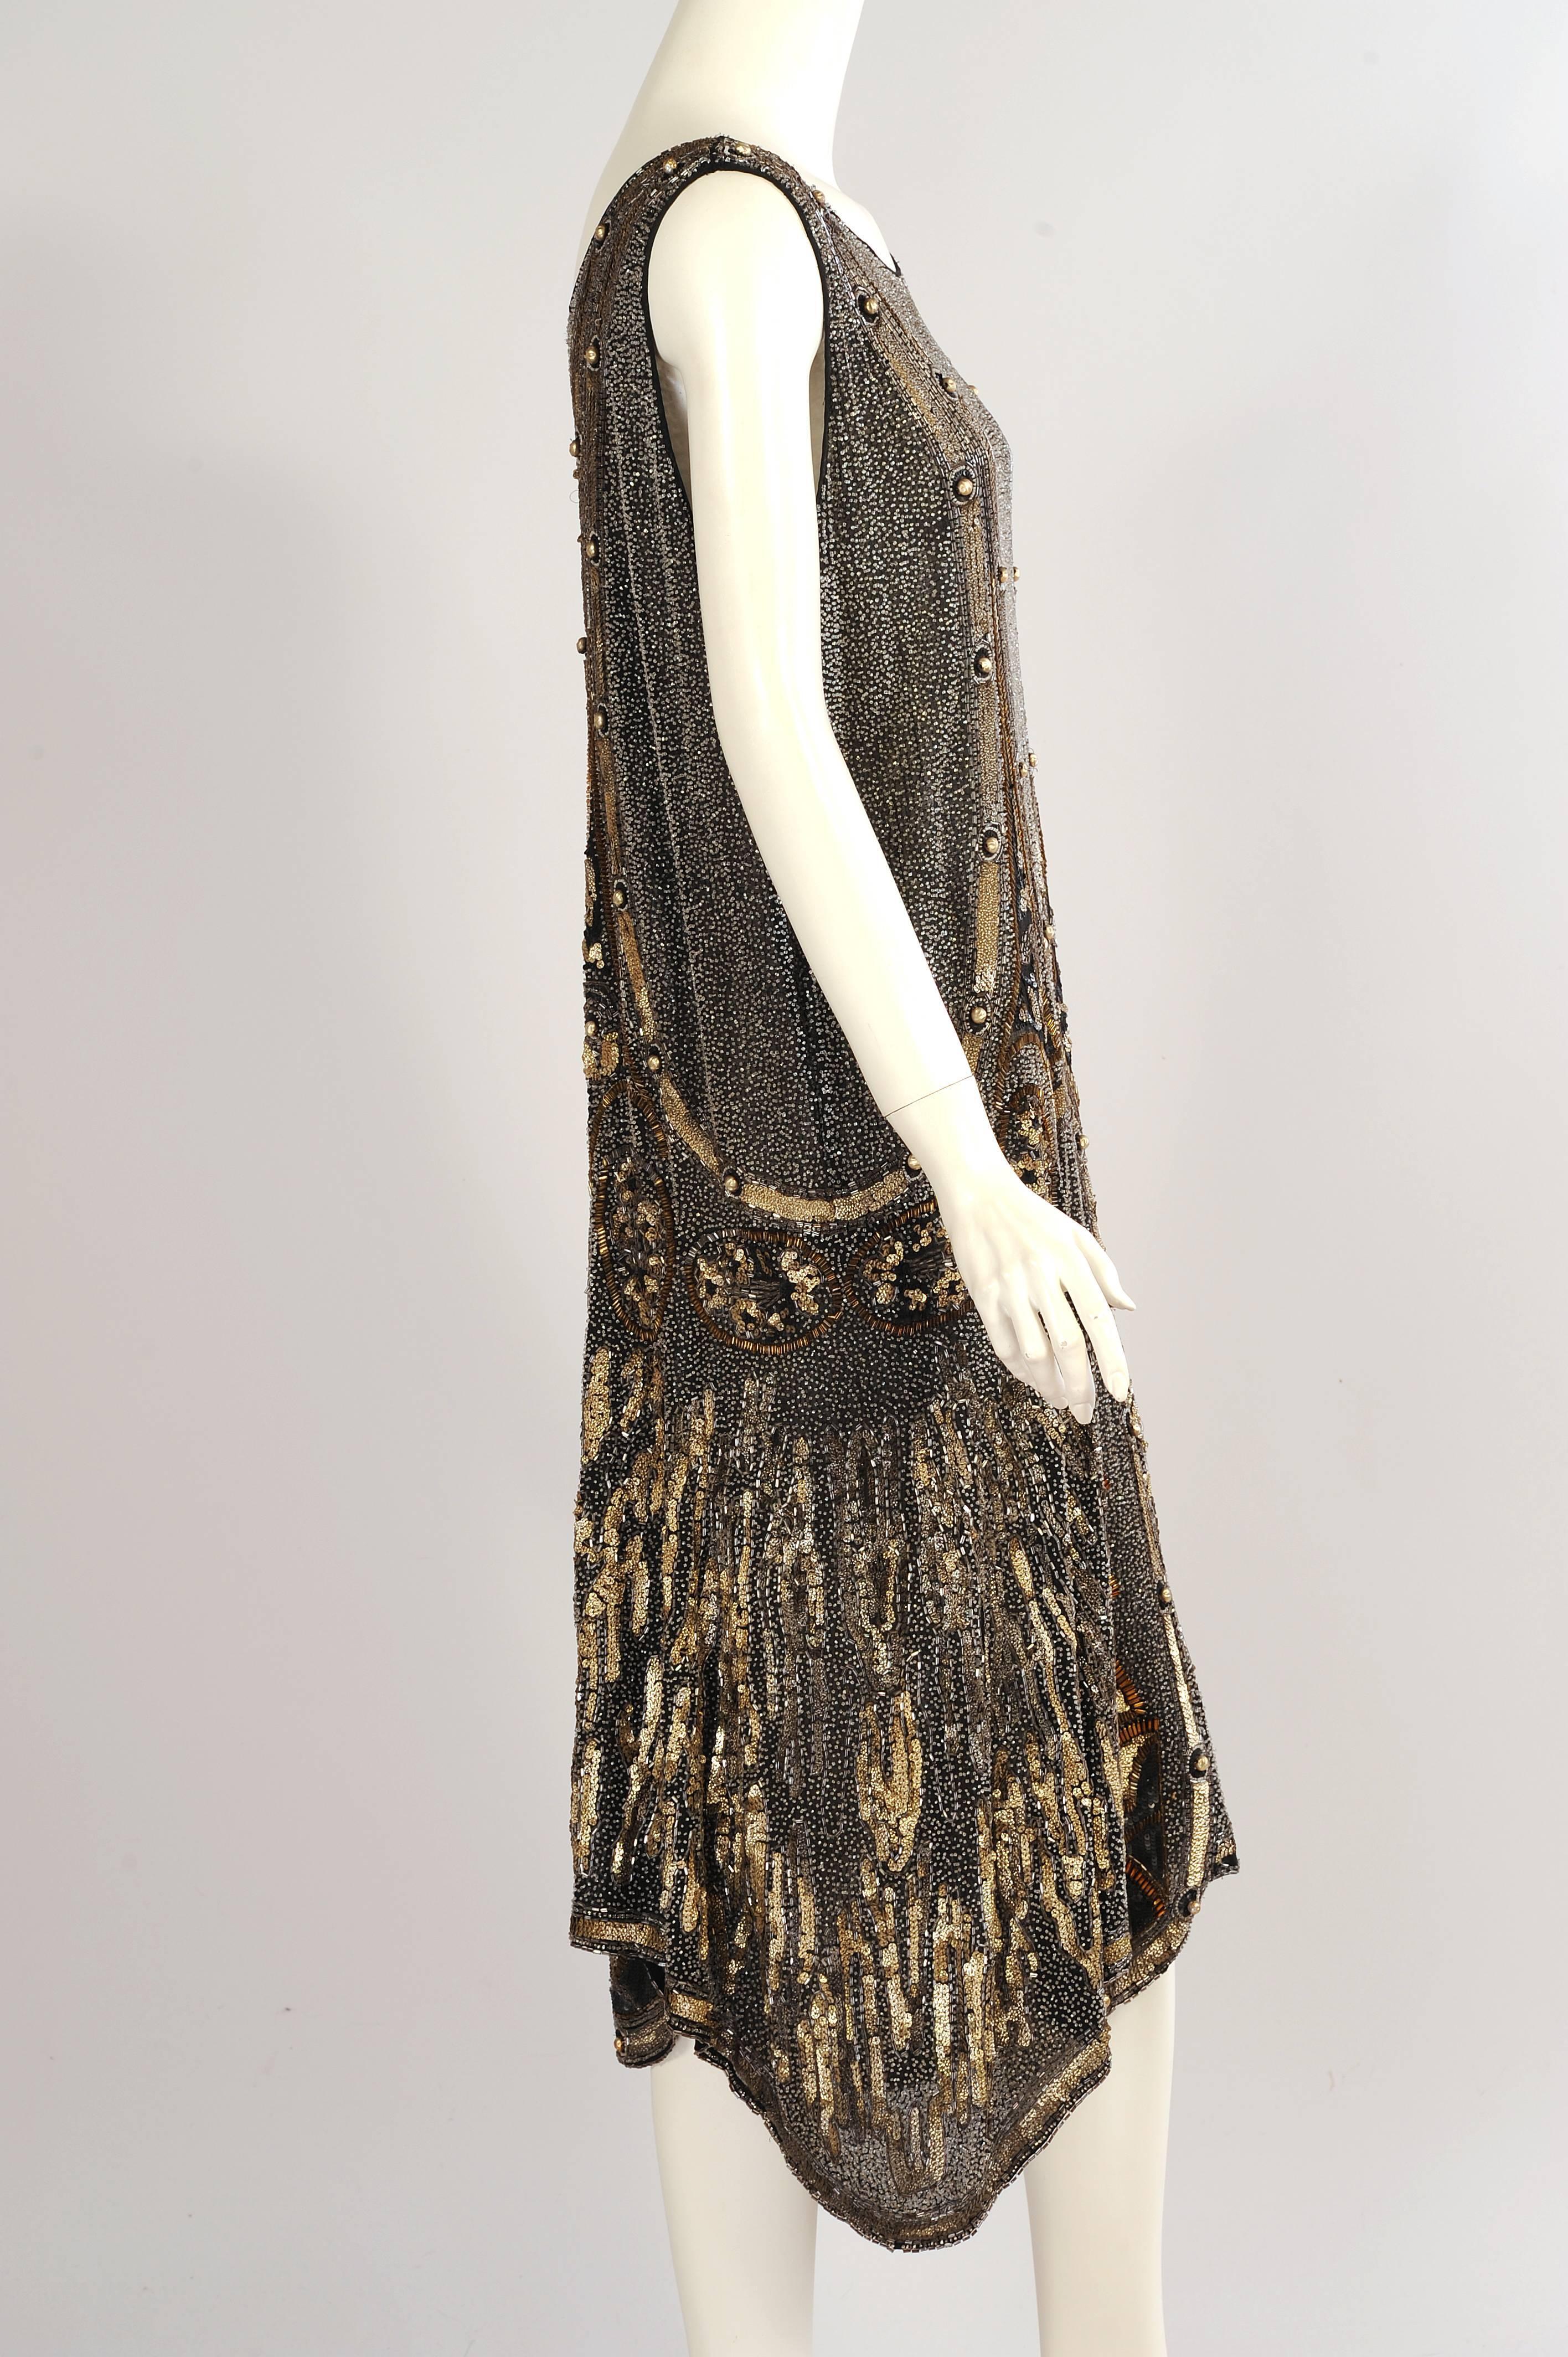 New Art Deco Evening Dresses